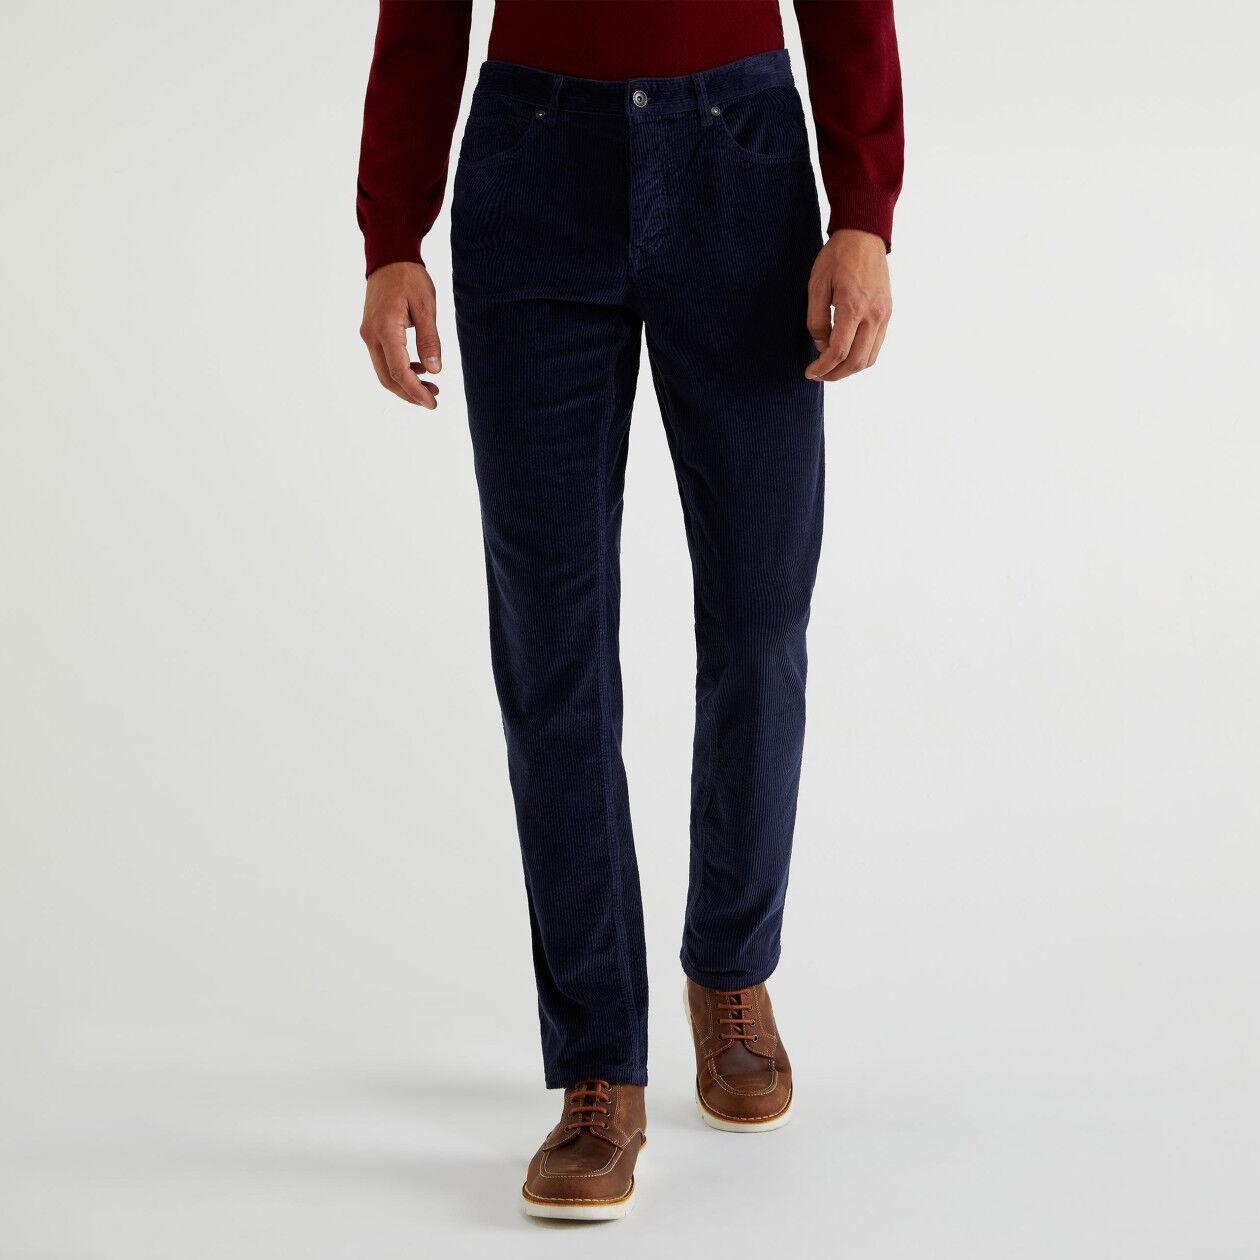 Παντελόνι από βελούδο